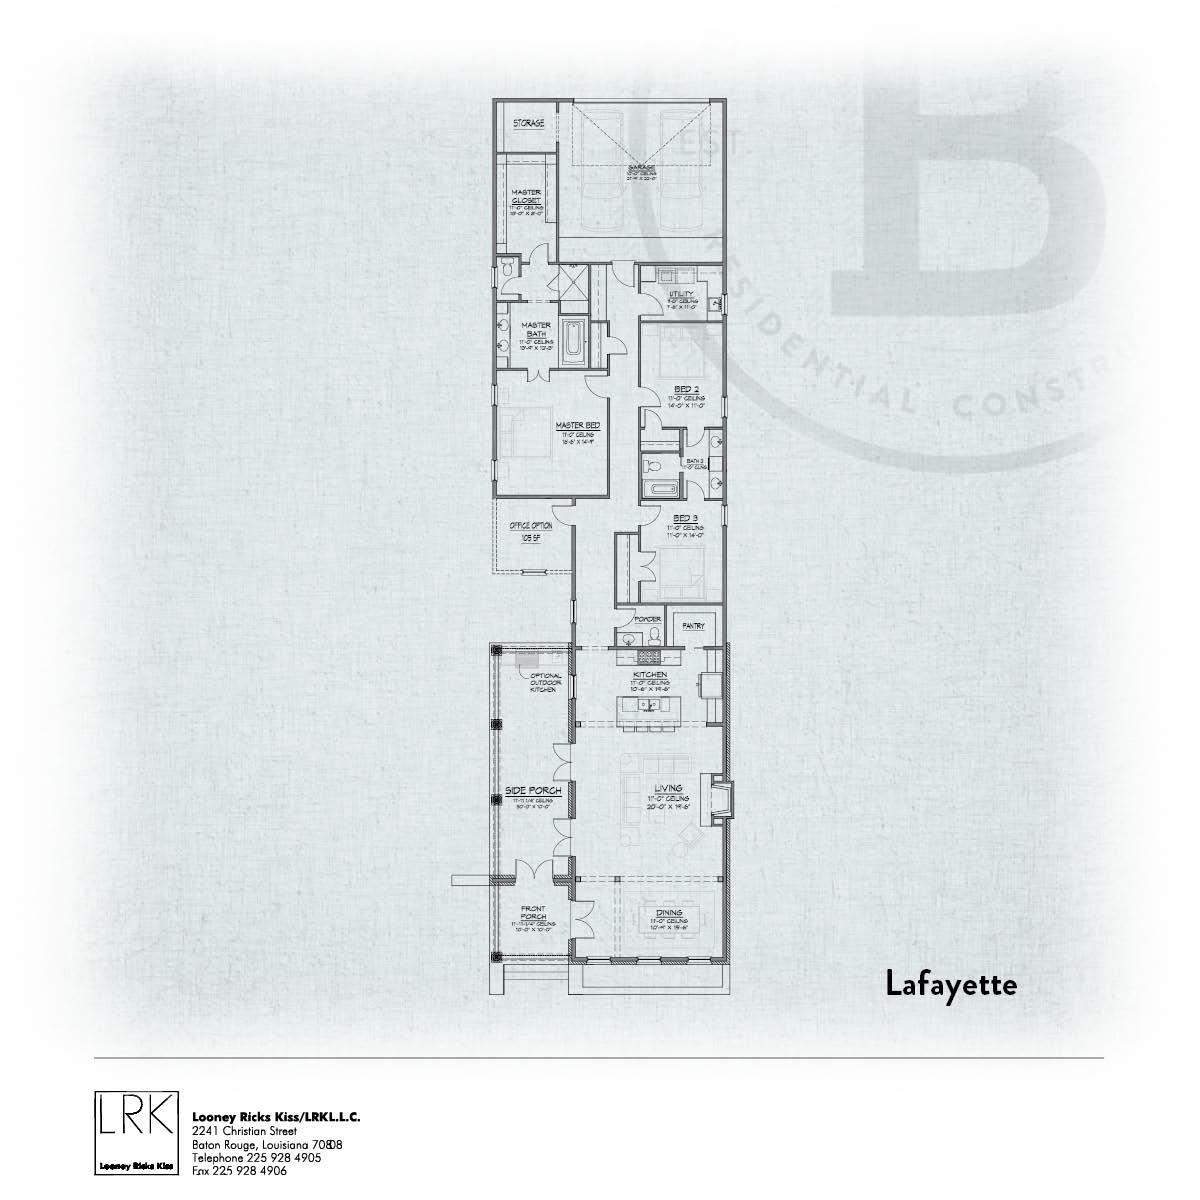 Lafayette A Floorplan